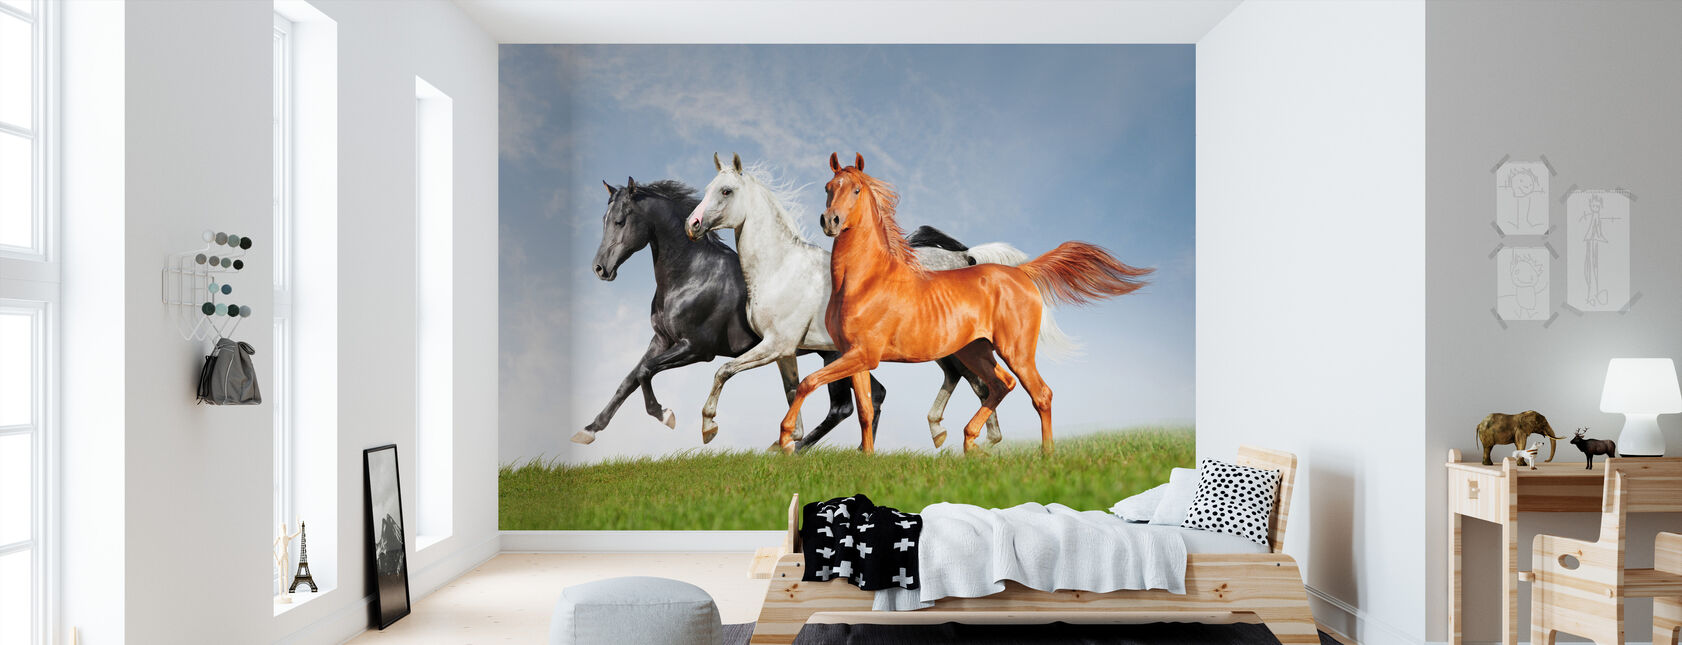 Arabiske heste løbe gratis - Tapet - Børneværelse